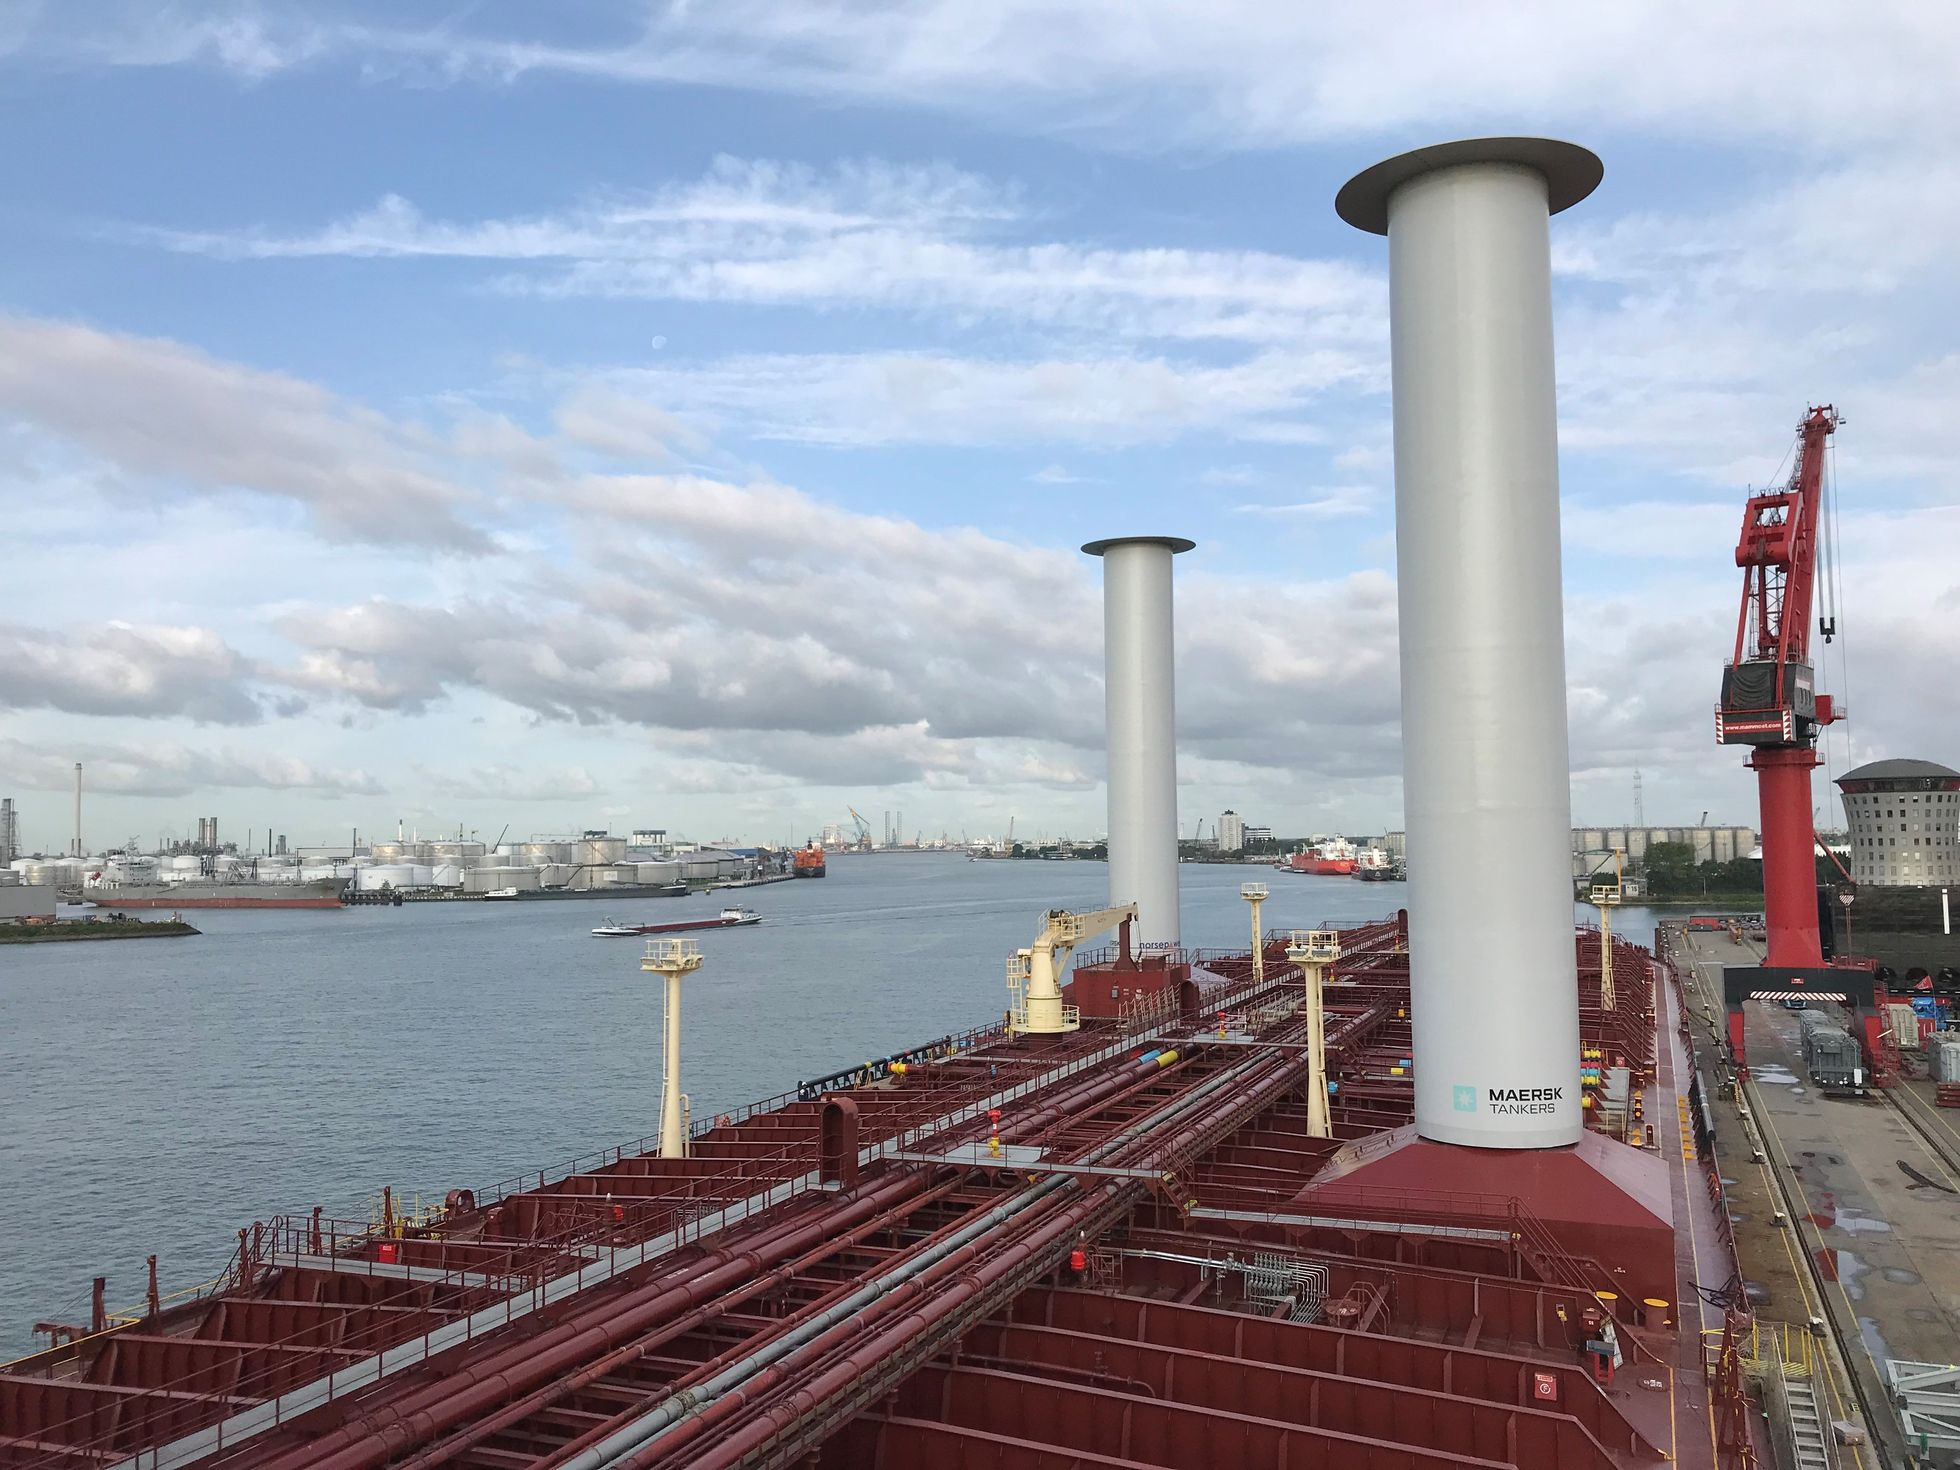 Norsepower: Stahlsegel helfen der Umwelt und sparen Treibstoff - Die Installation wurde Ende August 2018 abgeschlossen. (Bild: Norsepower)